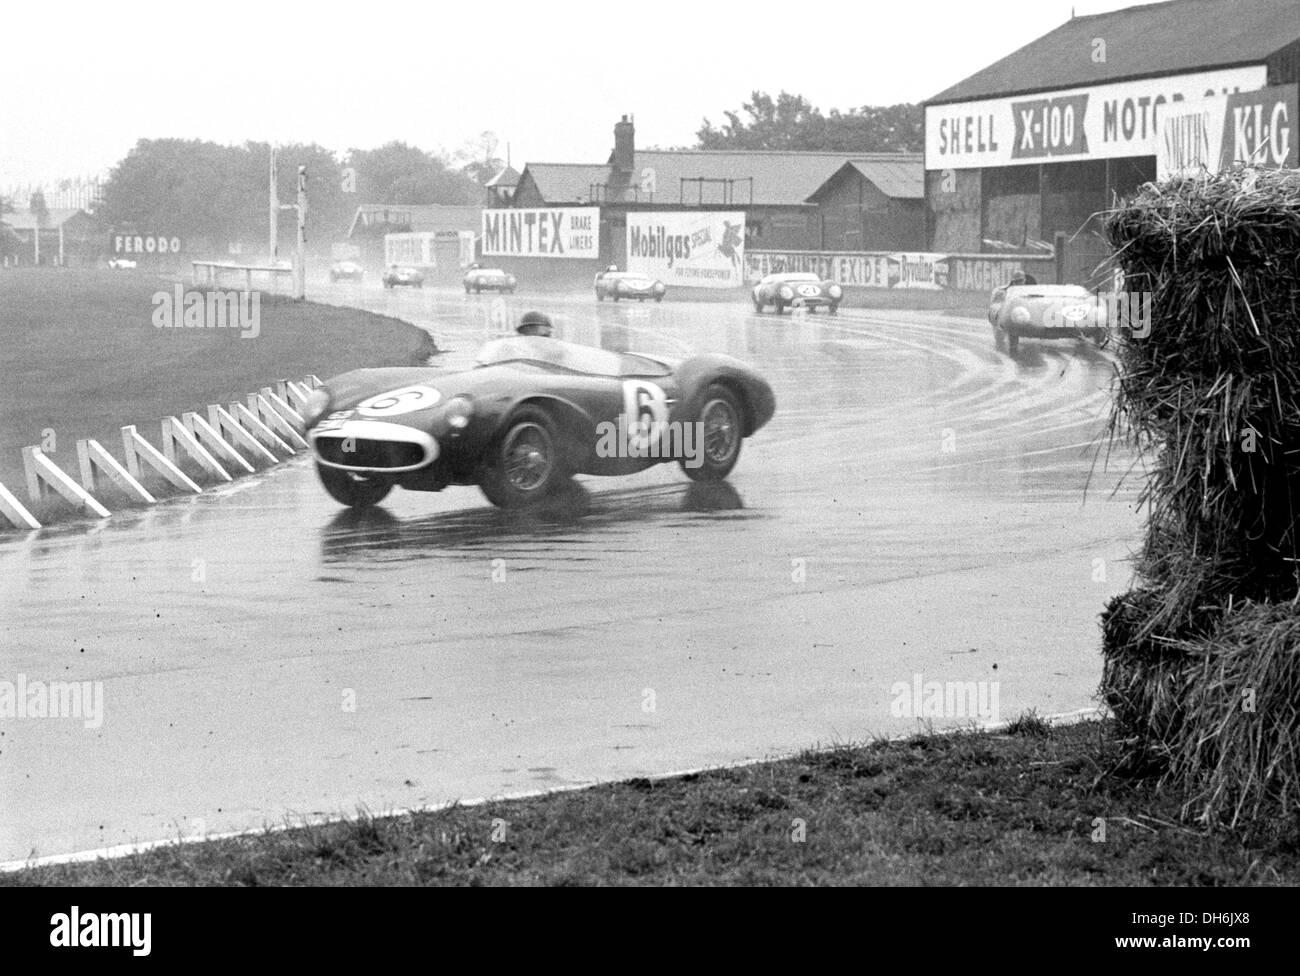 Peter Whitehead in einem Aston Martin DB3S an Tattoos Ecke in Aintree internationalen Rennen, England 20. Juli 1957. Stockbild